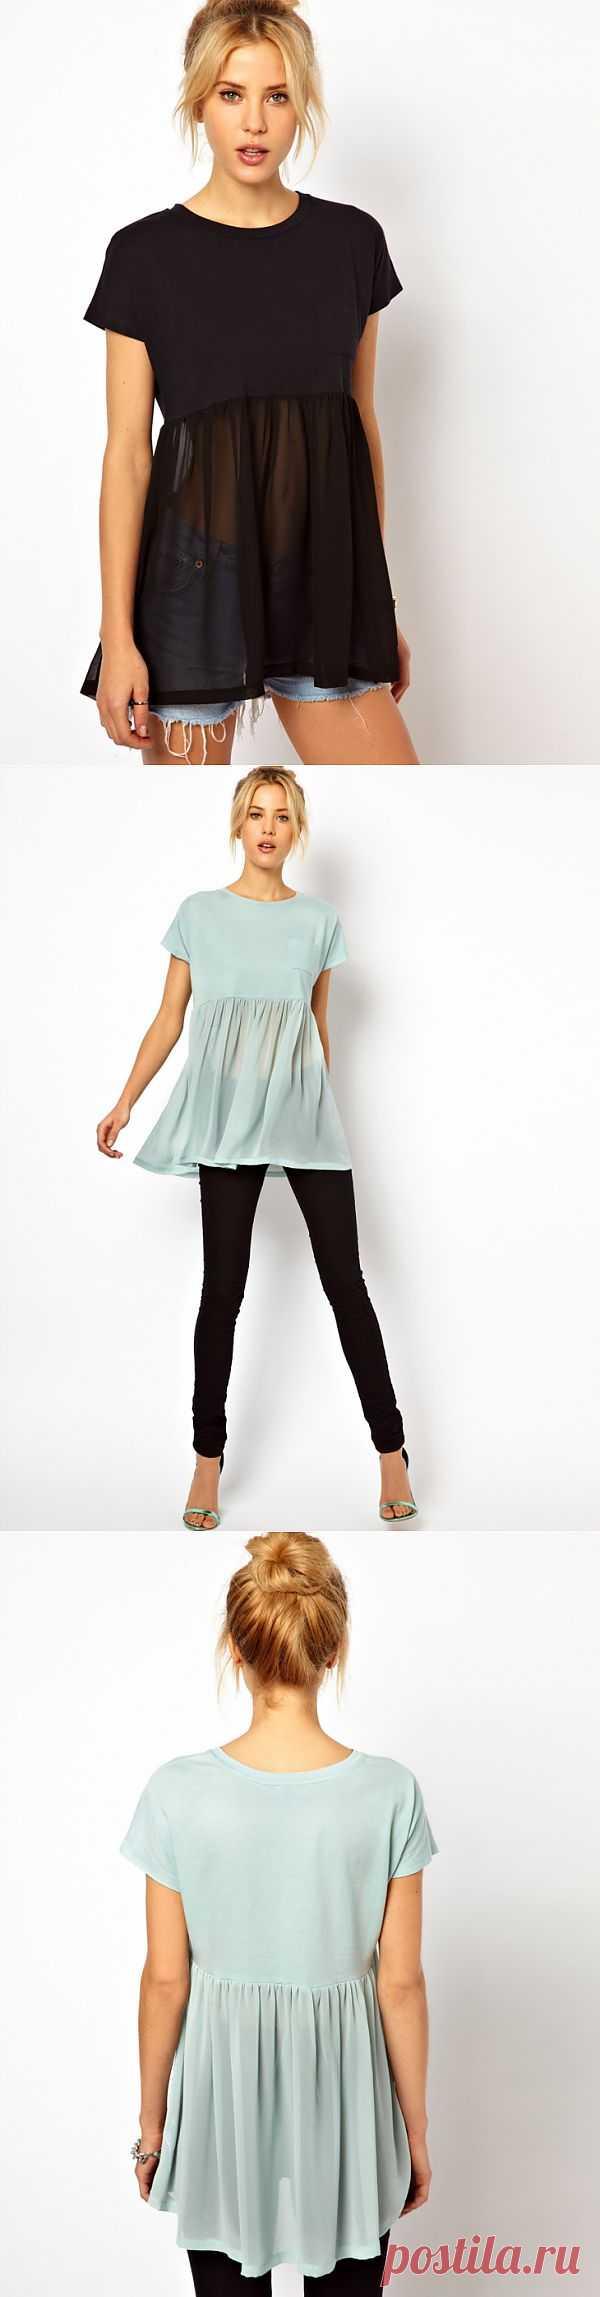 Простейший топ ASOS / Футболки DIY / Модный сайт о стильной переделке одежды и интерьера